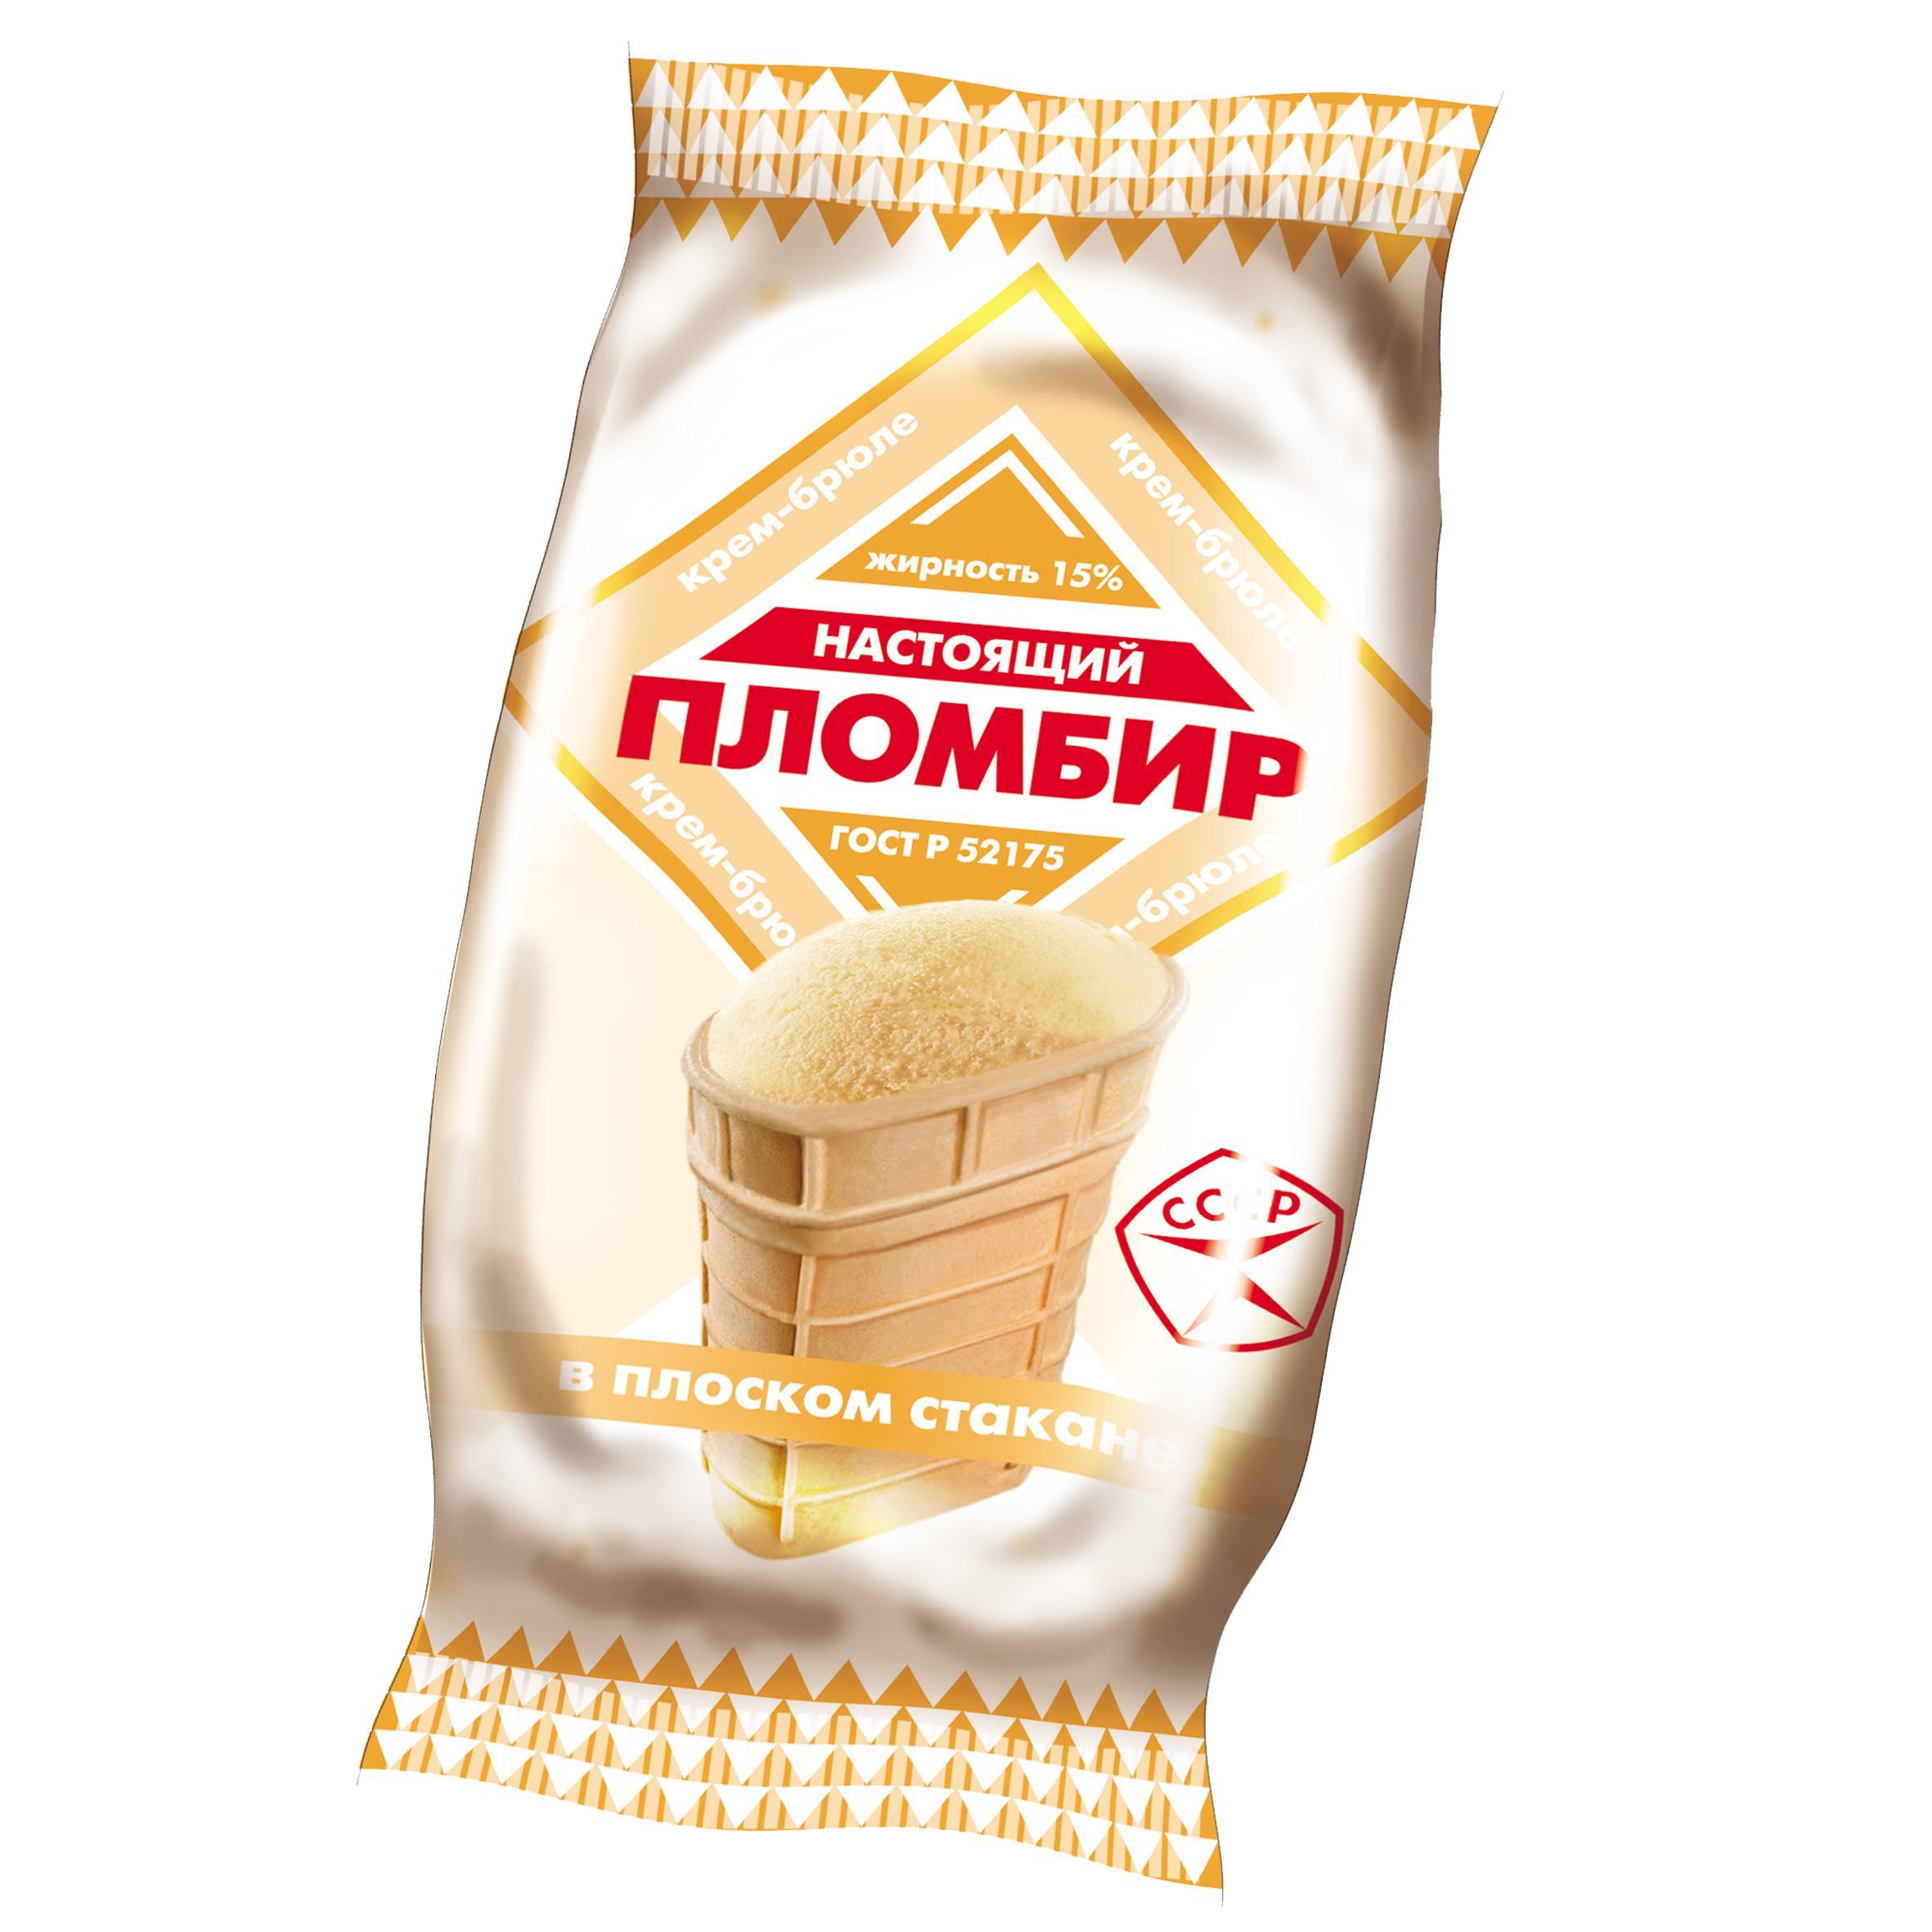 Мороженое Стакан плоский крем-брюле, КОЛИБРИ